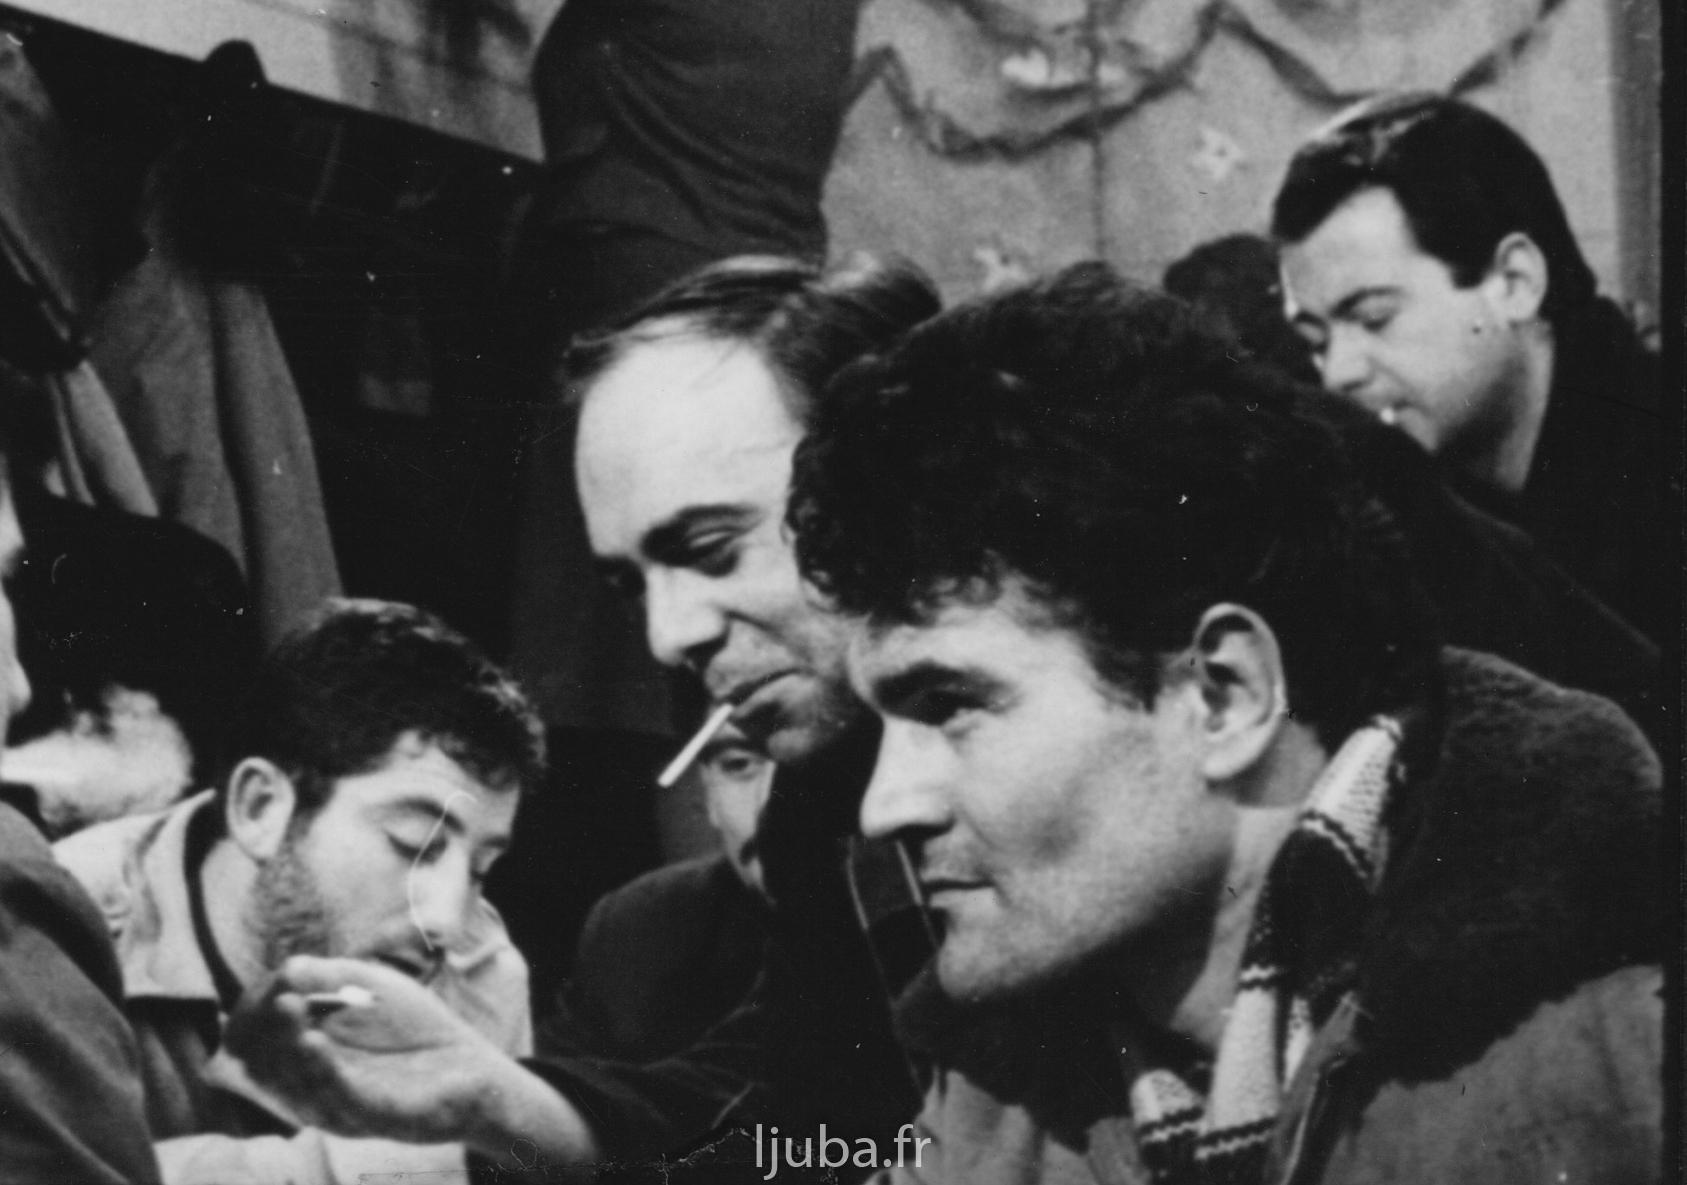 25. 1966., Ljuba i Leonid Šejka iz vremena snimanja filma Povratak_